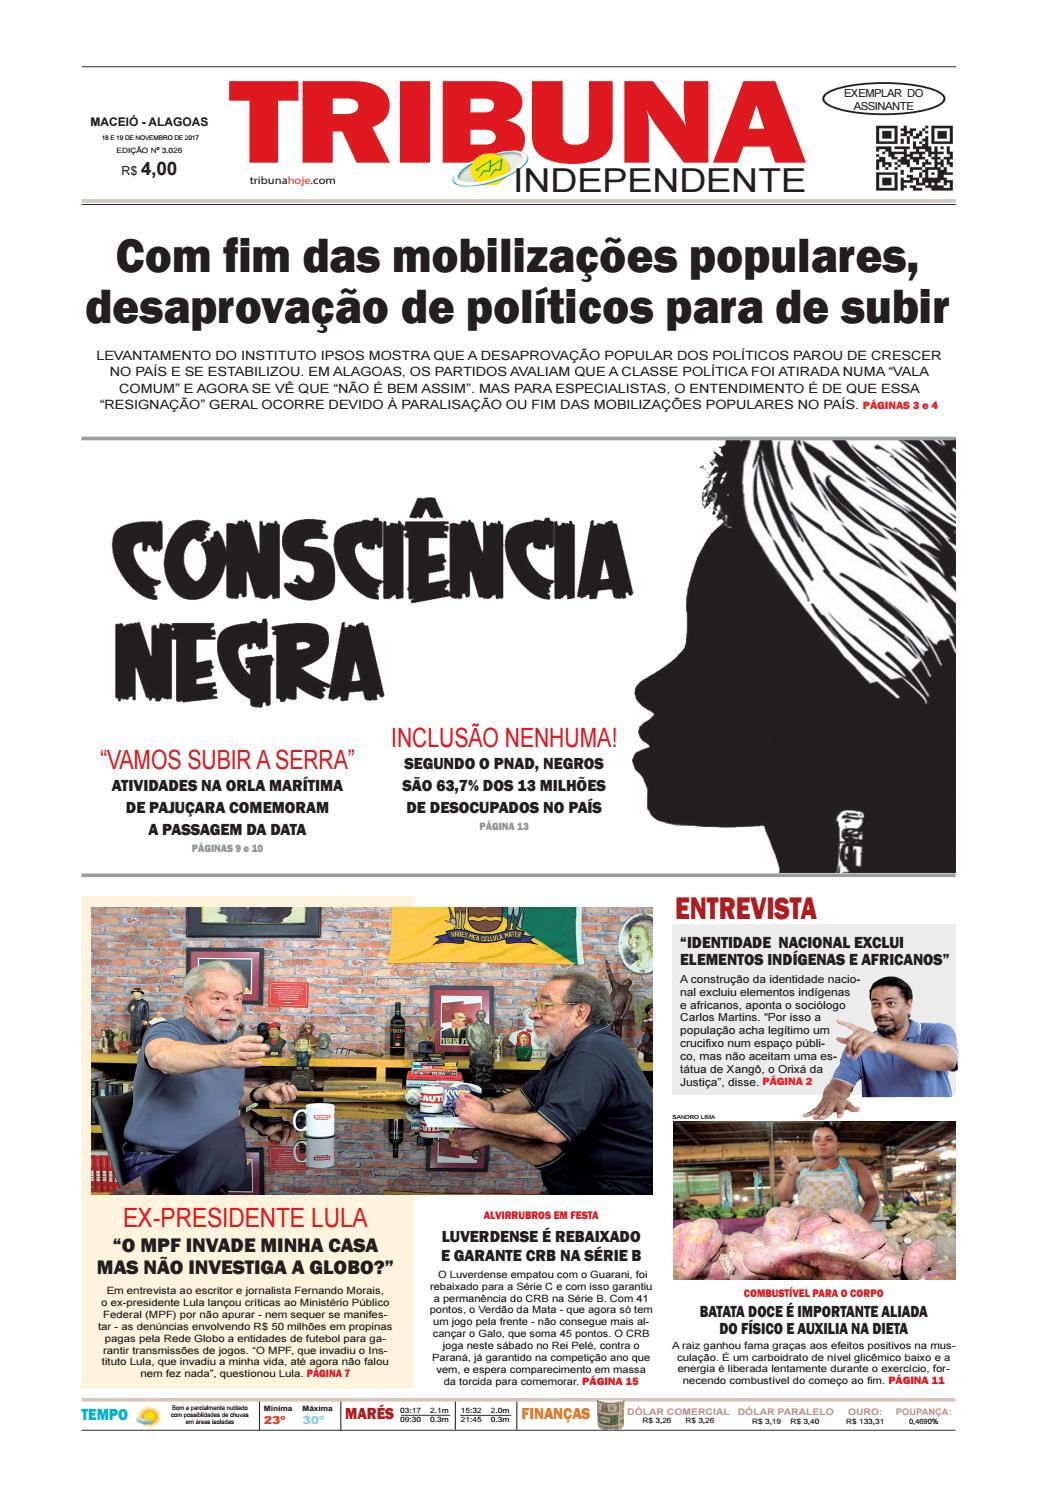 bb254d01cf Edição número 3026 - 18 e 19 de novembro de 2017 by Tribuna Hoje - issuu